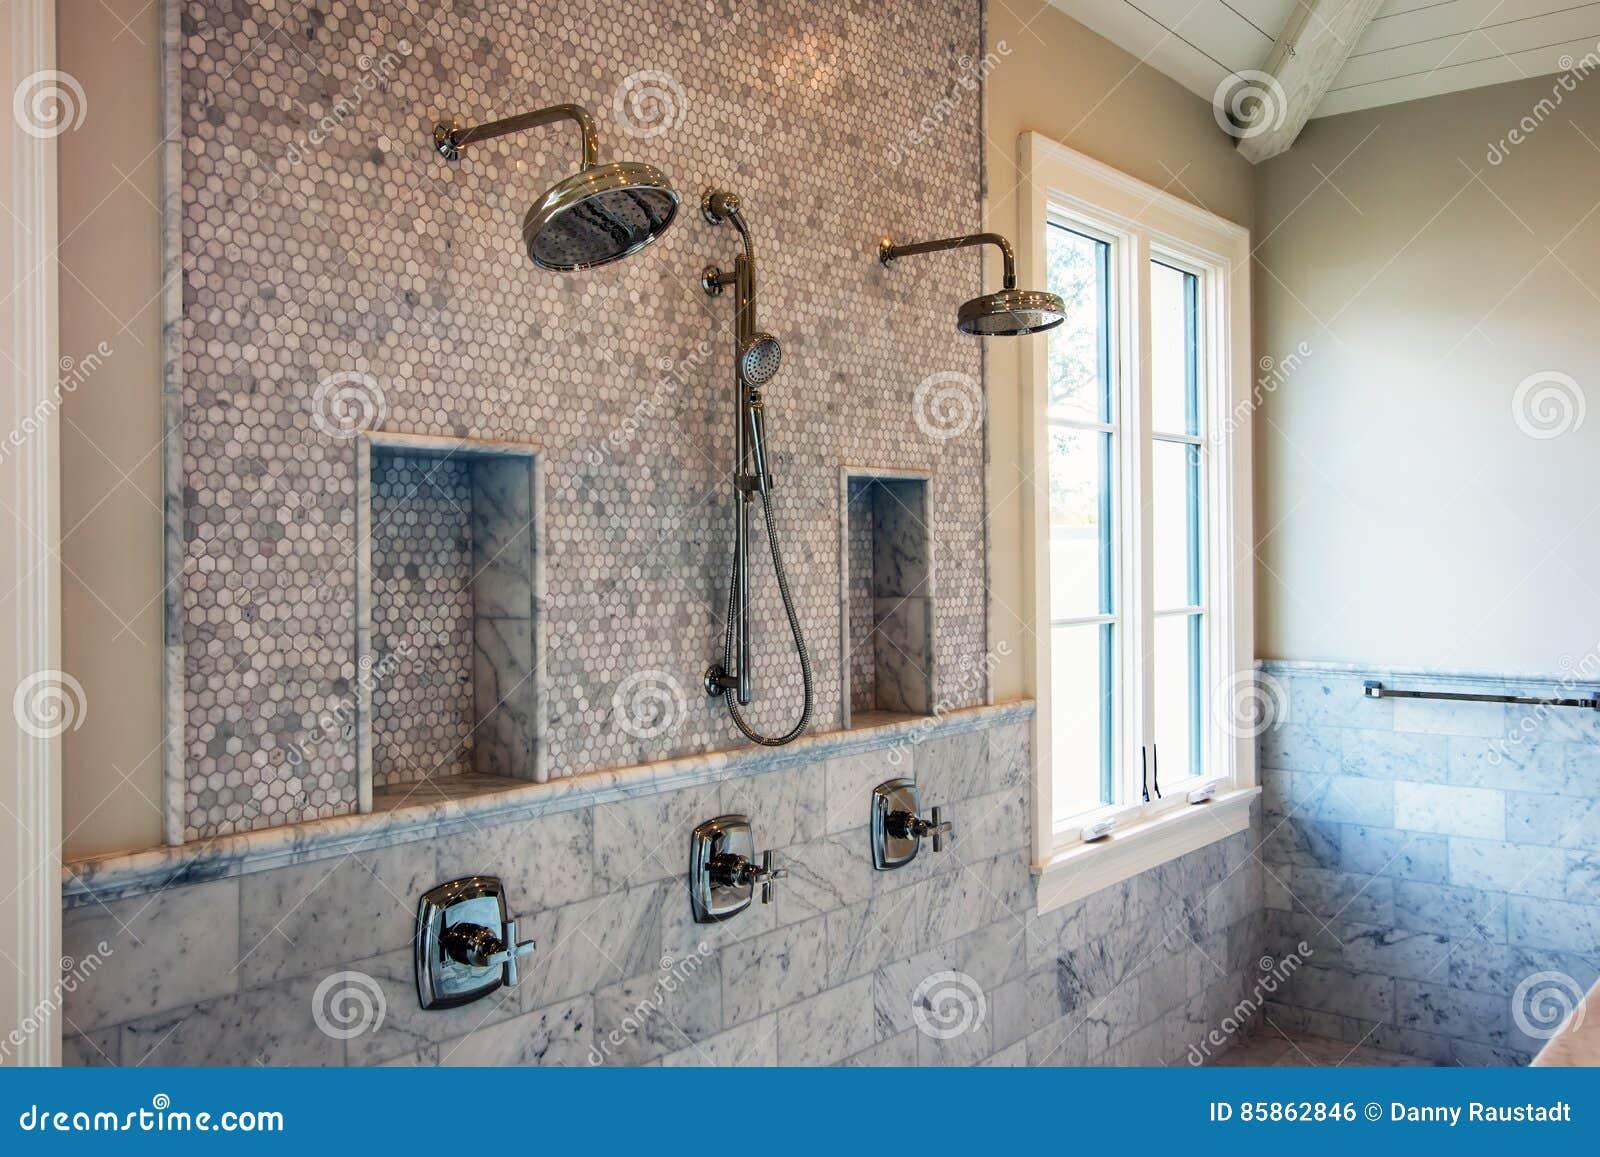 Douches Intérieures à La Maison Modernes De Salle De Bains Photo Stock